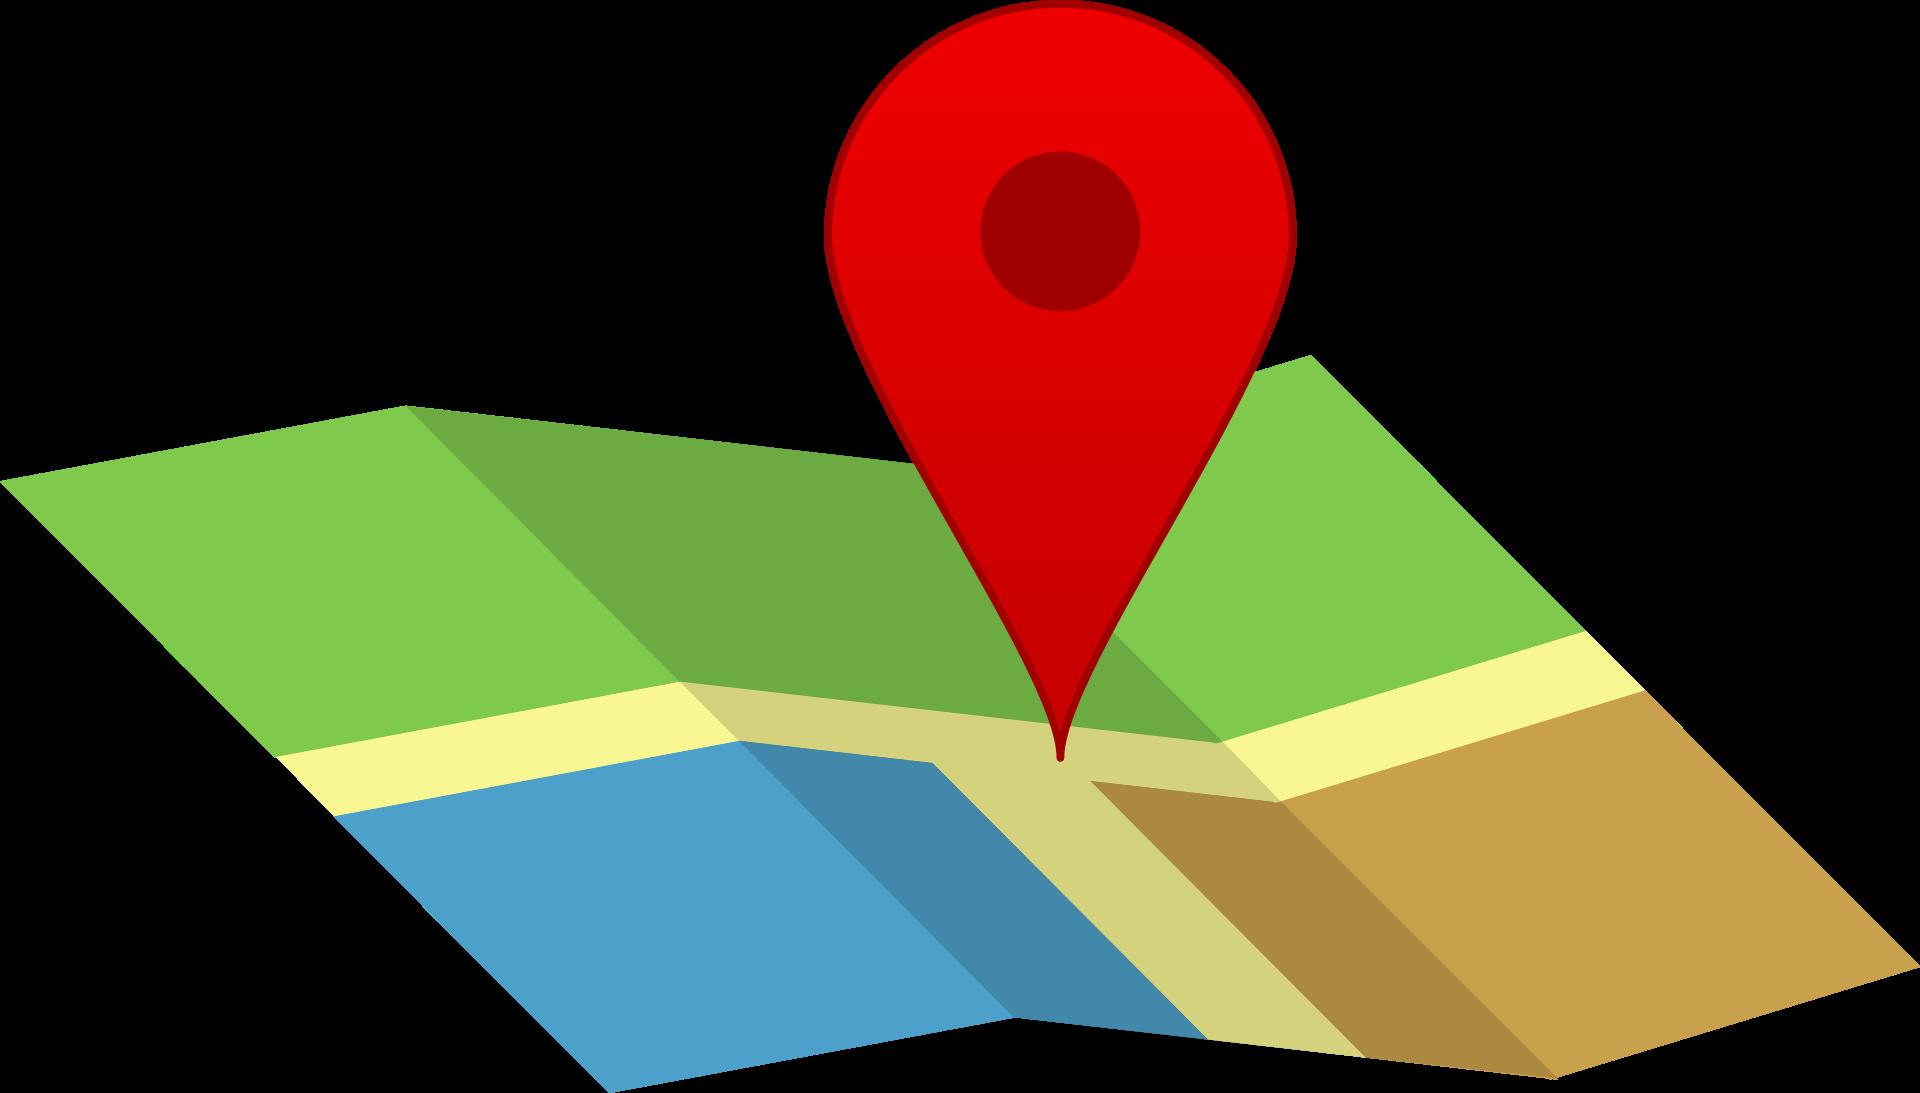 logo d'une carte